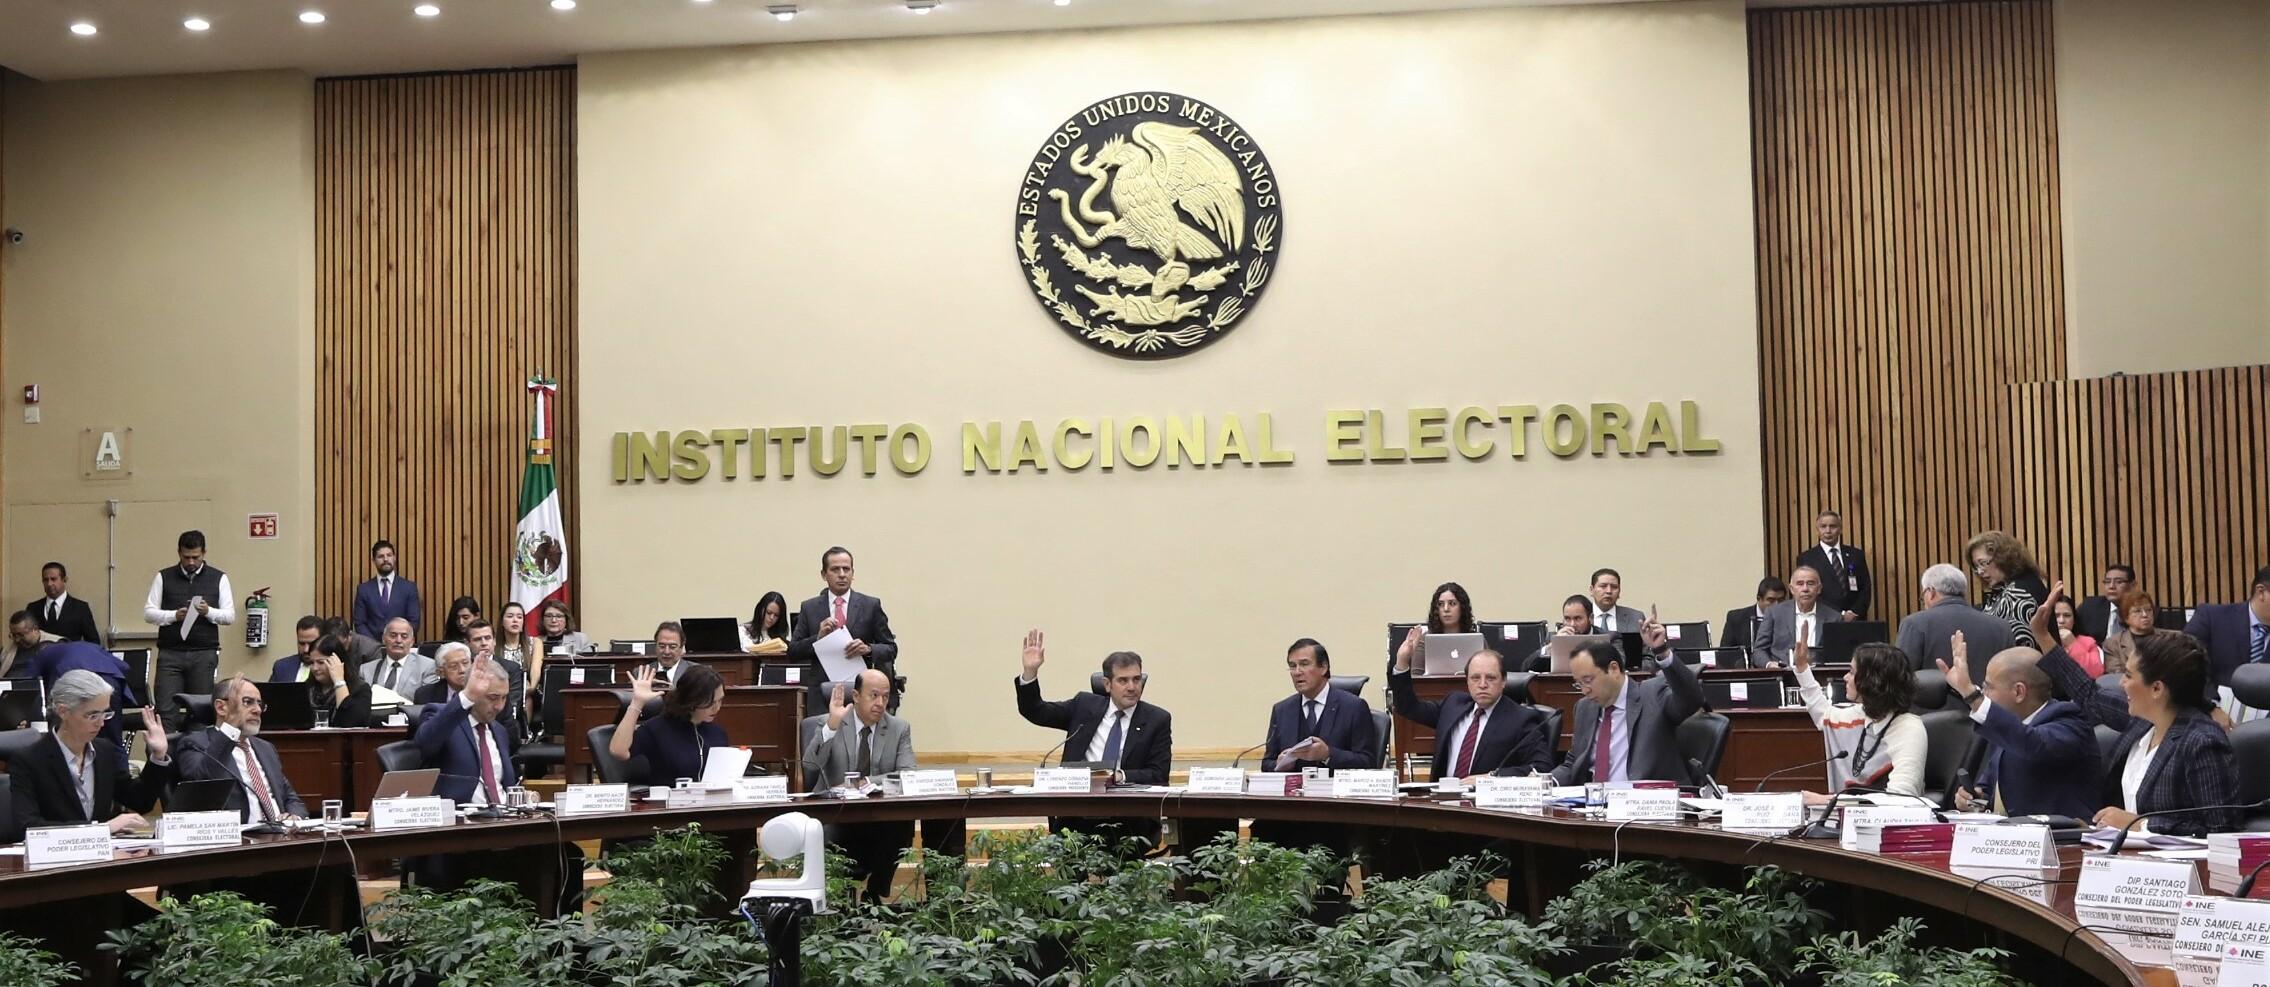 Diputados dejan 164 aspirantes para ser consejeros del INE